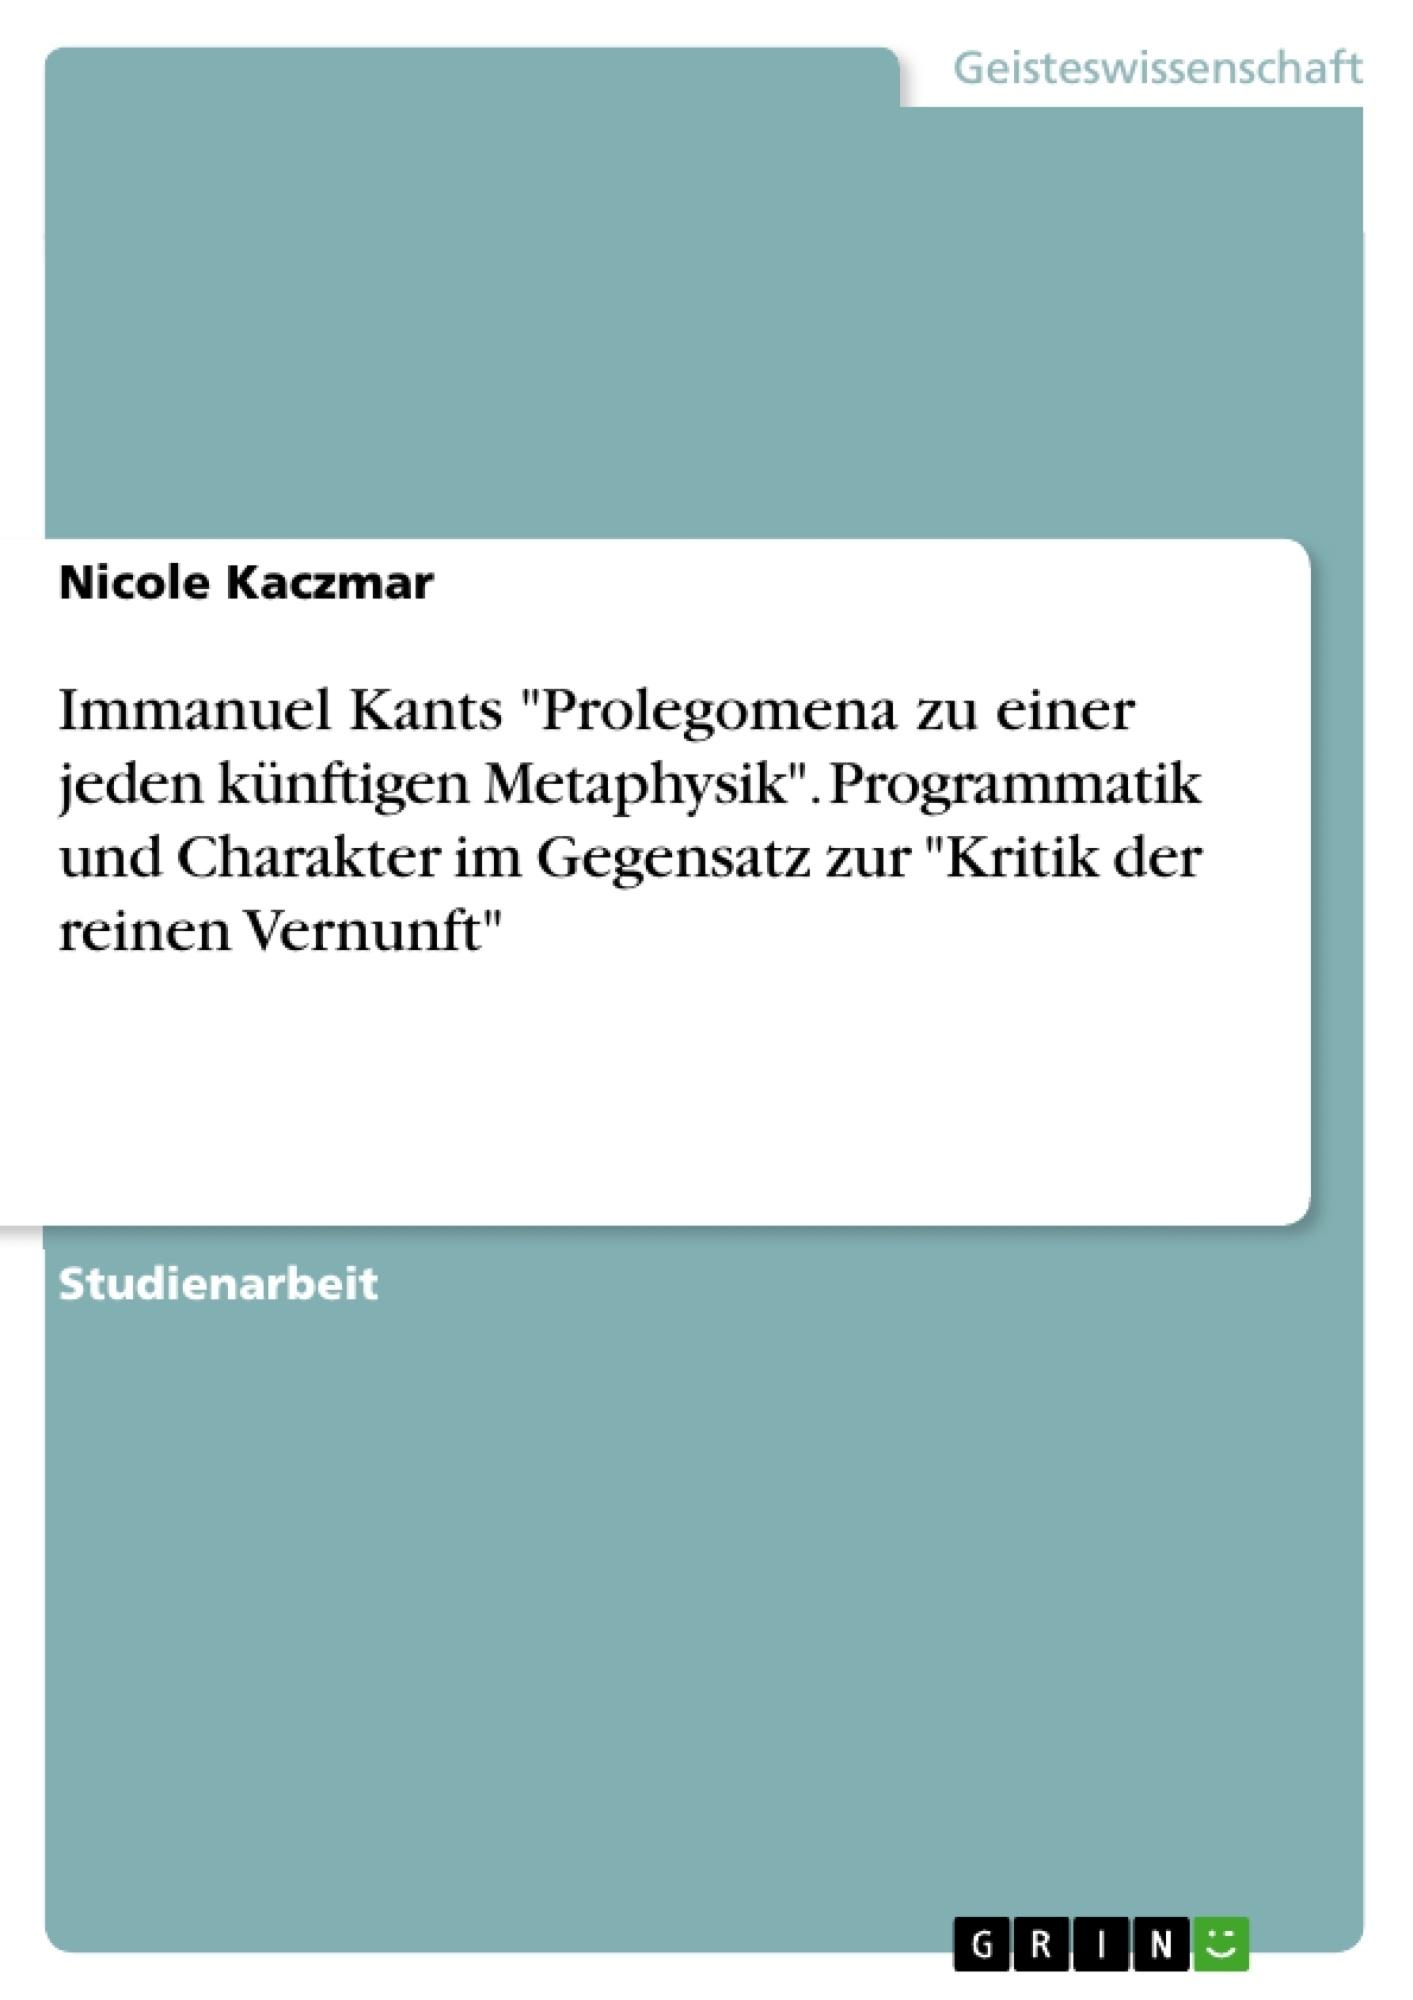 """Titel: Immanuel Kants """"Prolegomena zu einer jeden künftigen Metaphysik"""". Programmatik und Charakter im Gegensatz zur """"Kritik der reinen Vernunft"""""""